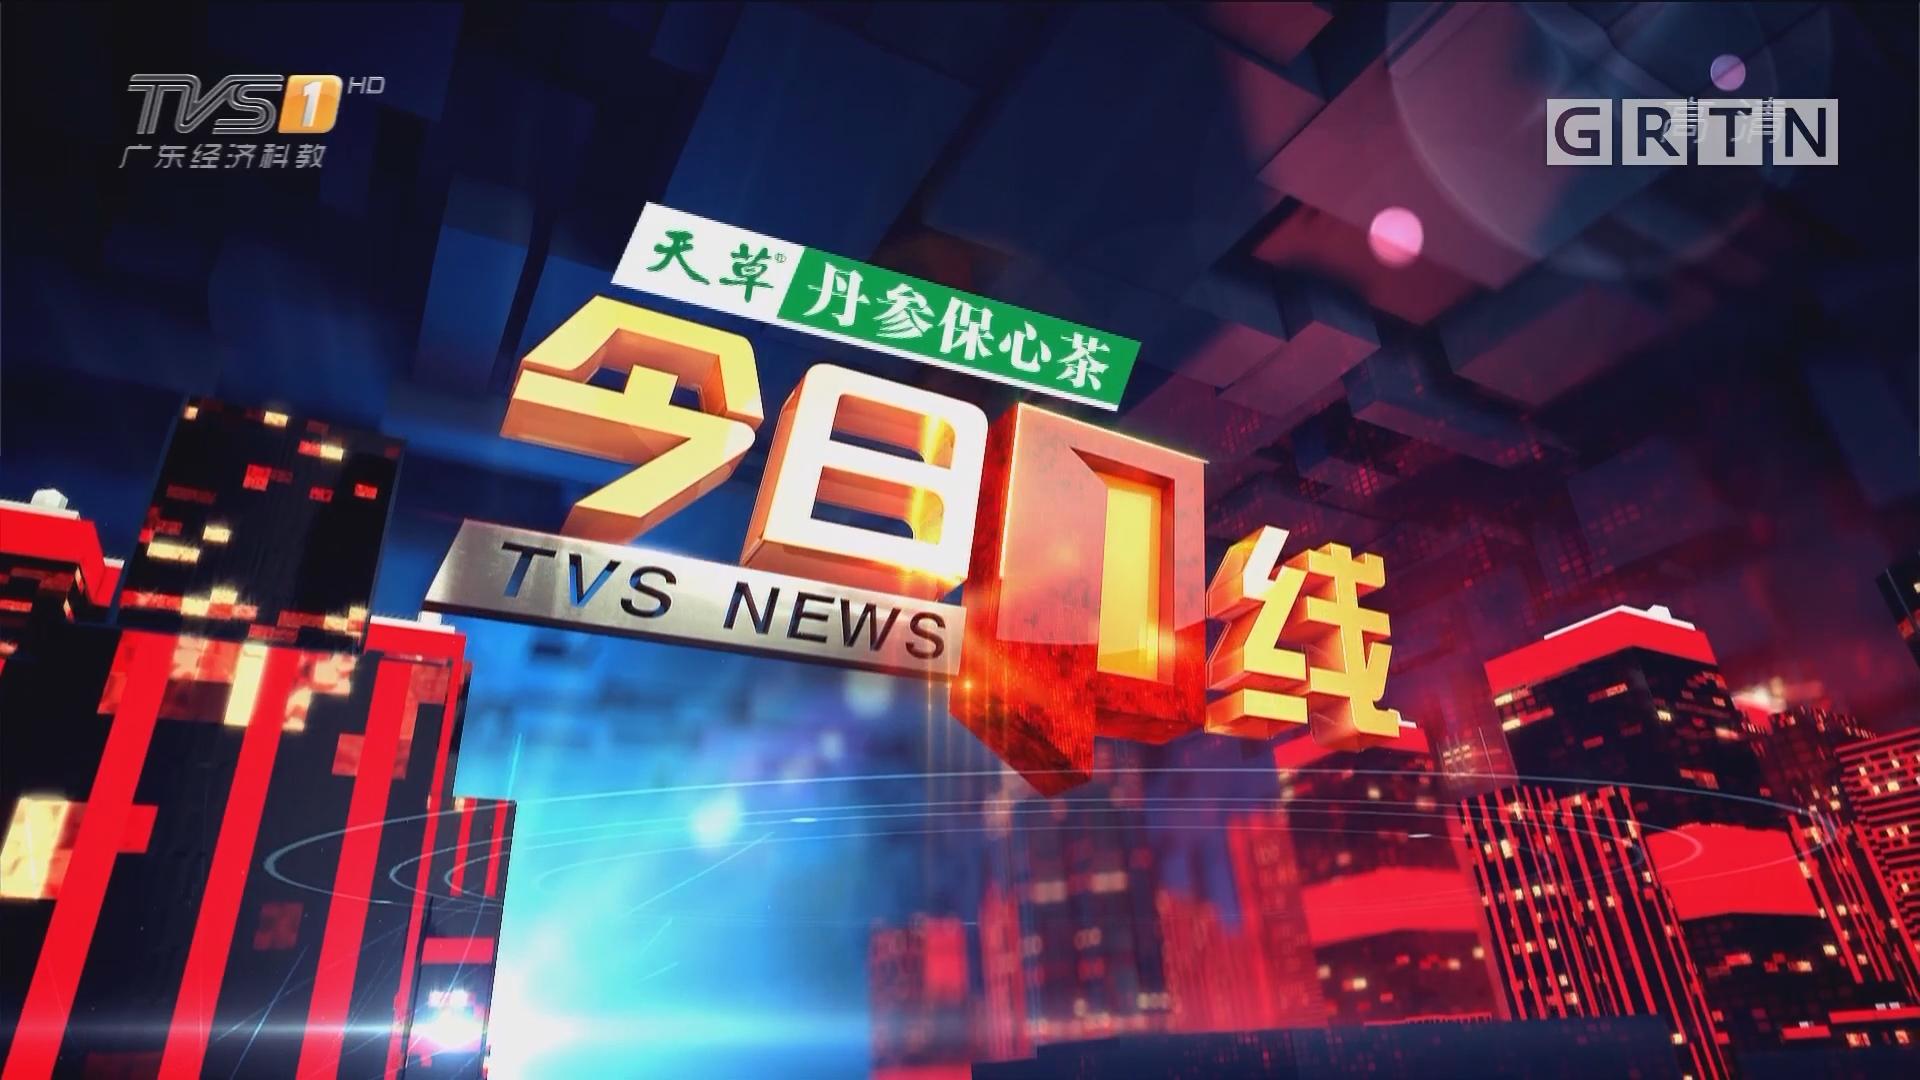 [2018-04-28]今日一线:江门公益大桥:被轮船碰撞 公益大桥一度封闭